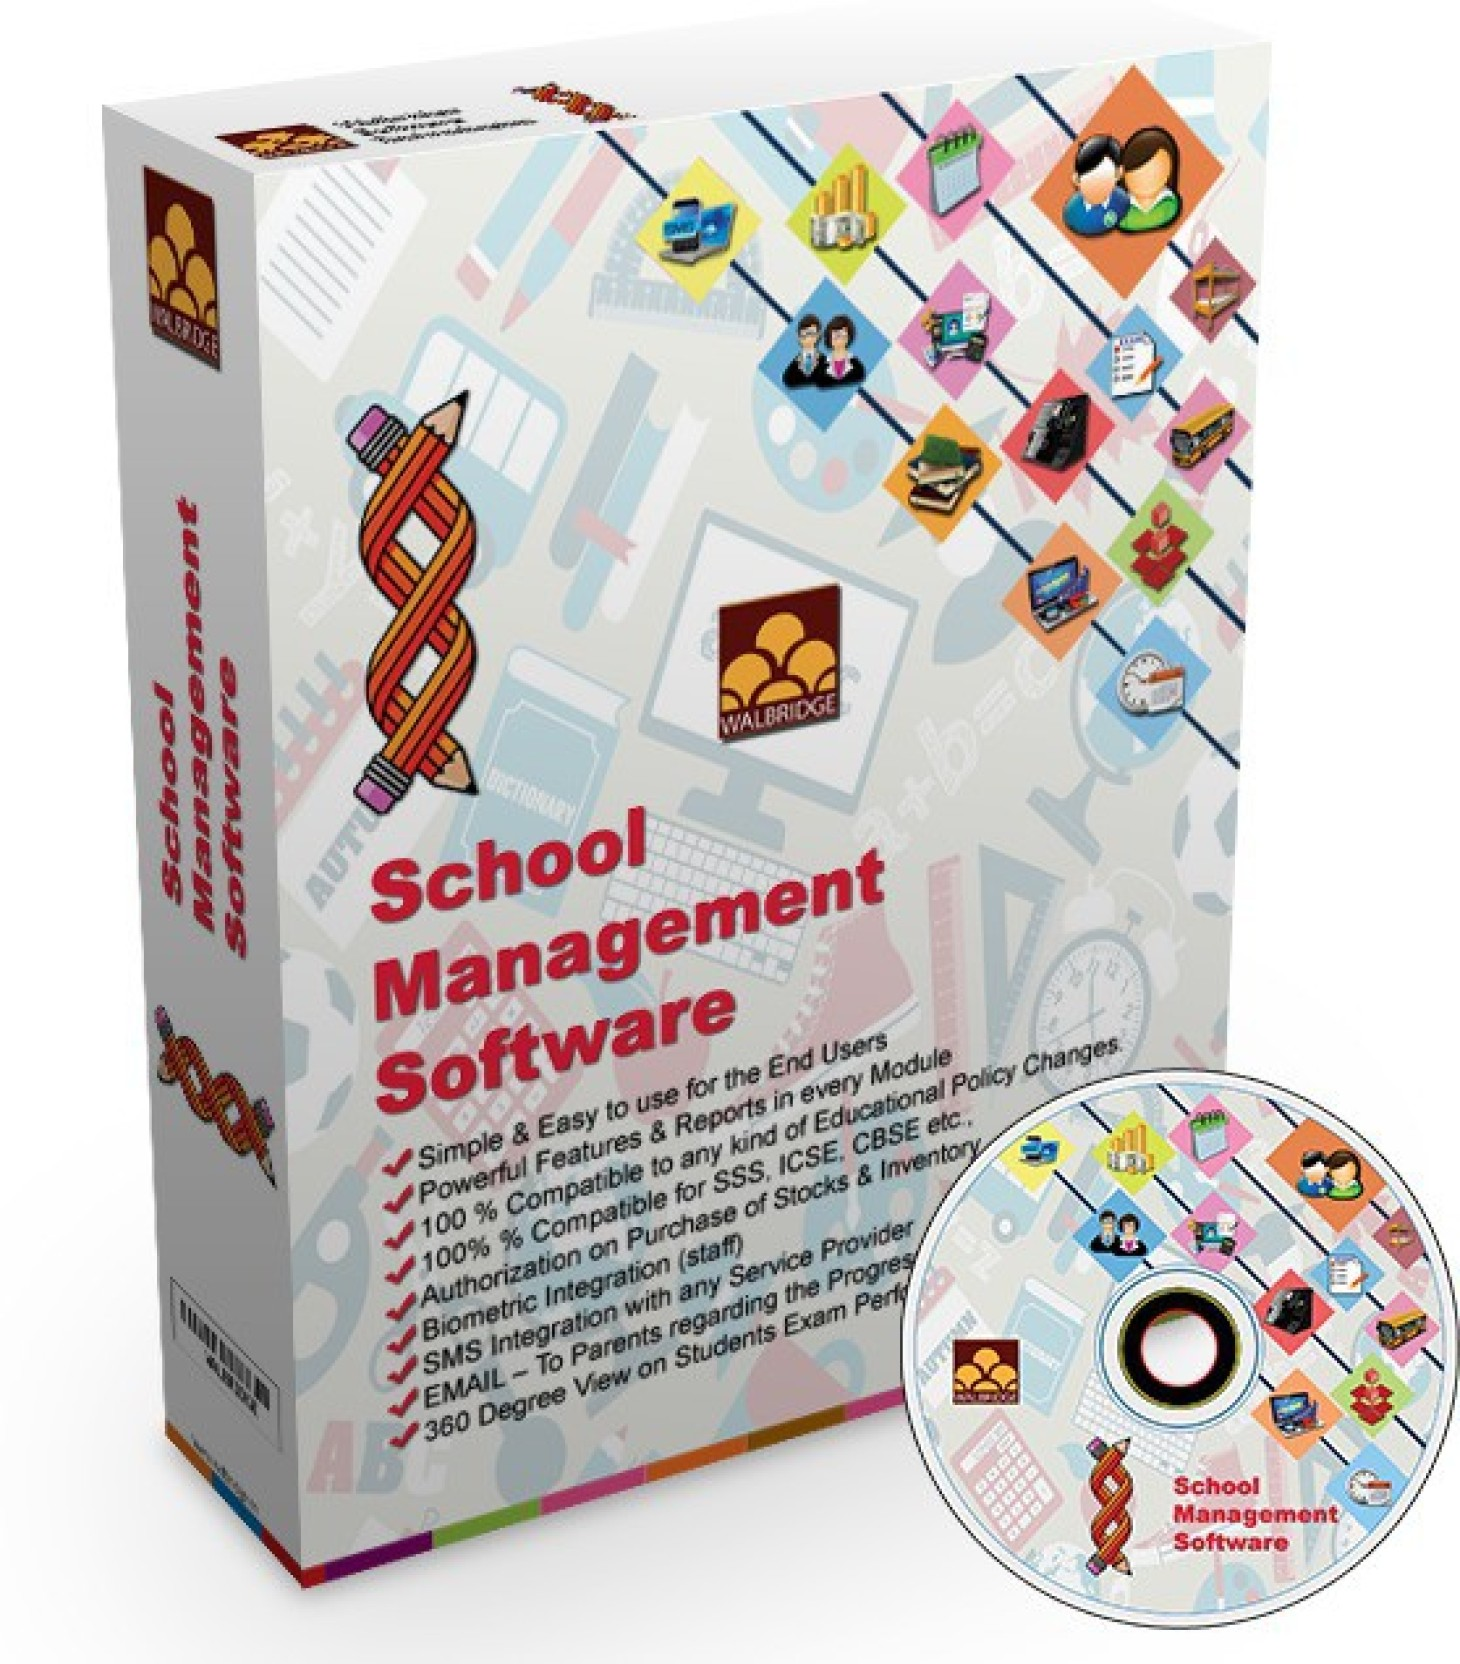 walbridge softwares Walbridge School Management Software